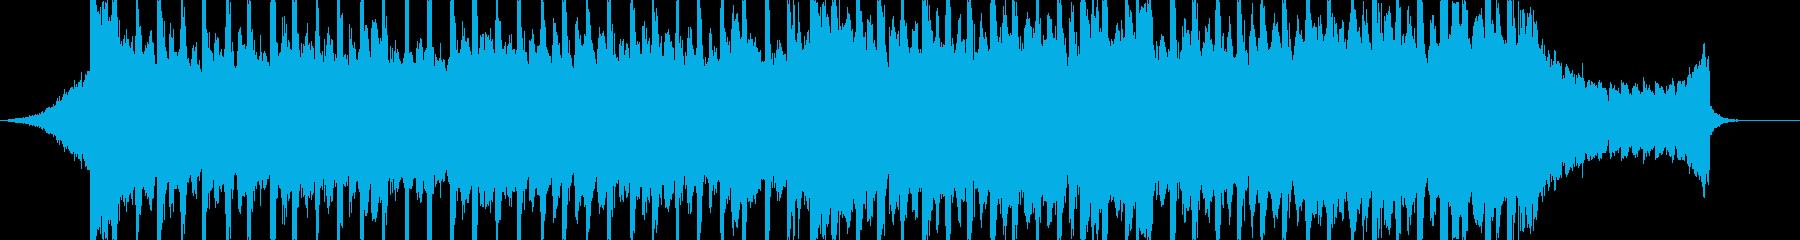 企業VP向け、爽やかポップ4つ打ち11bの再生済みの波形